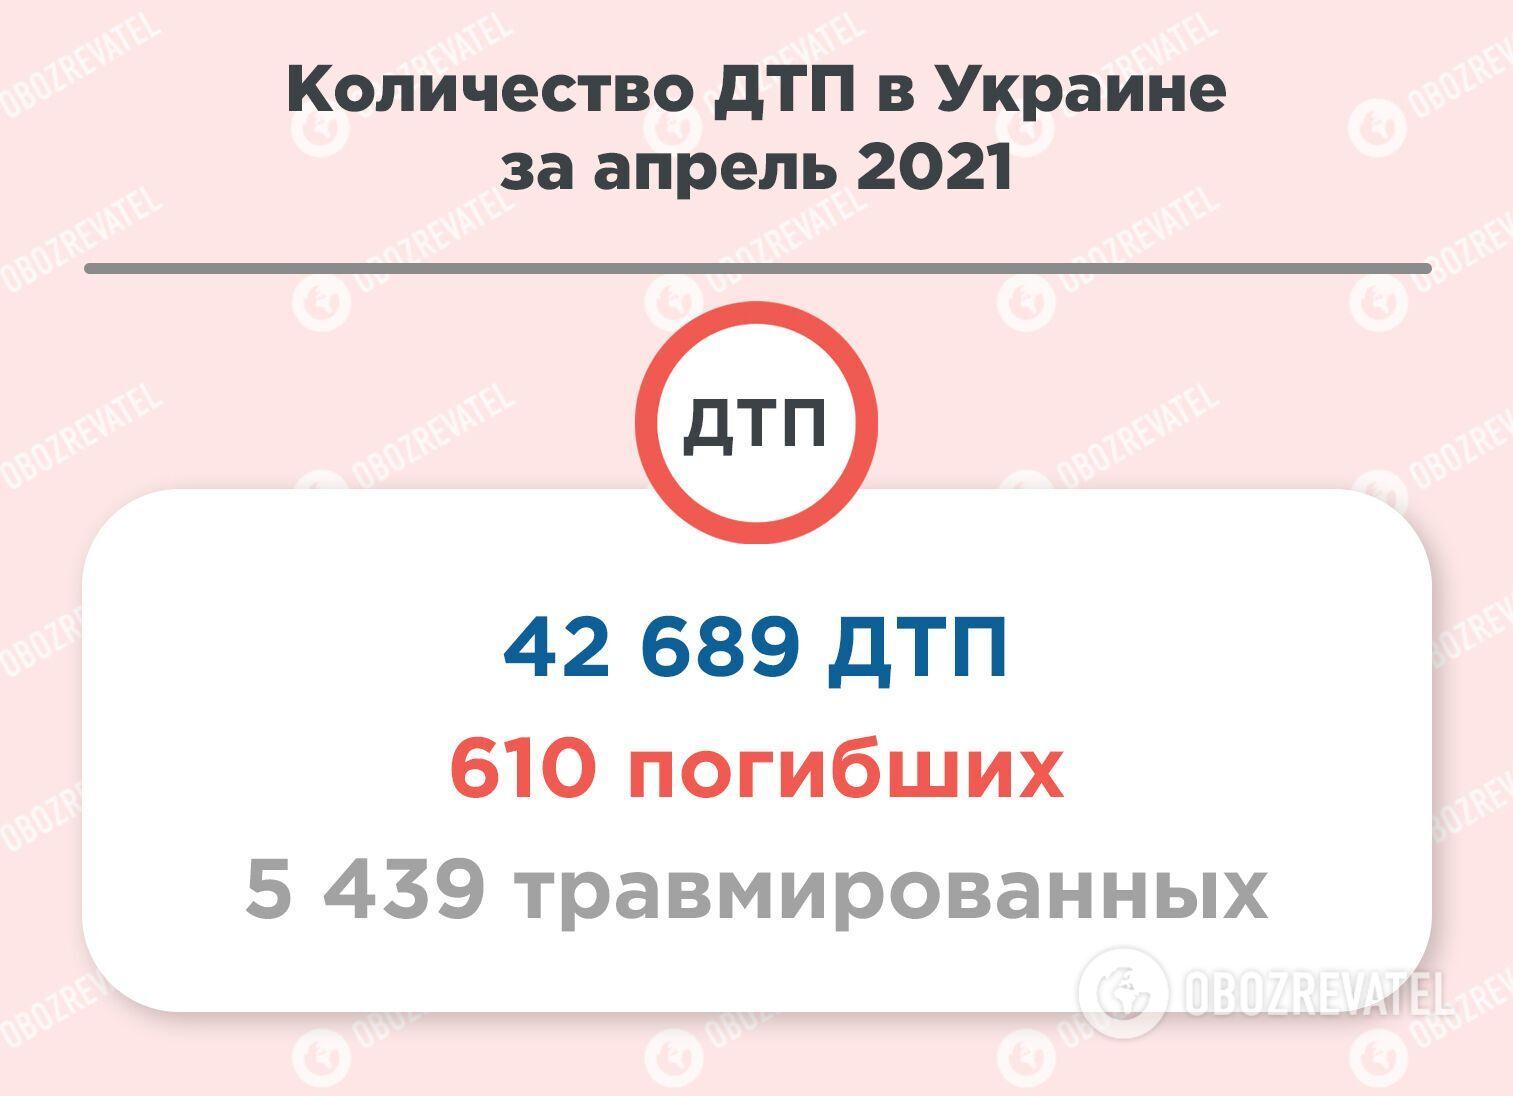 Статистика ДТП в Украине.